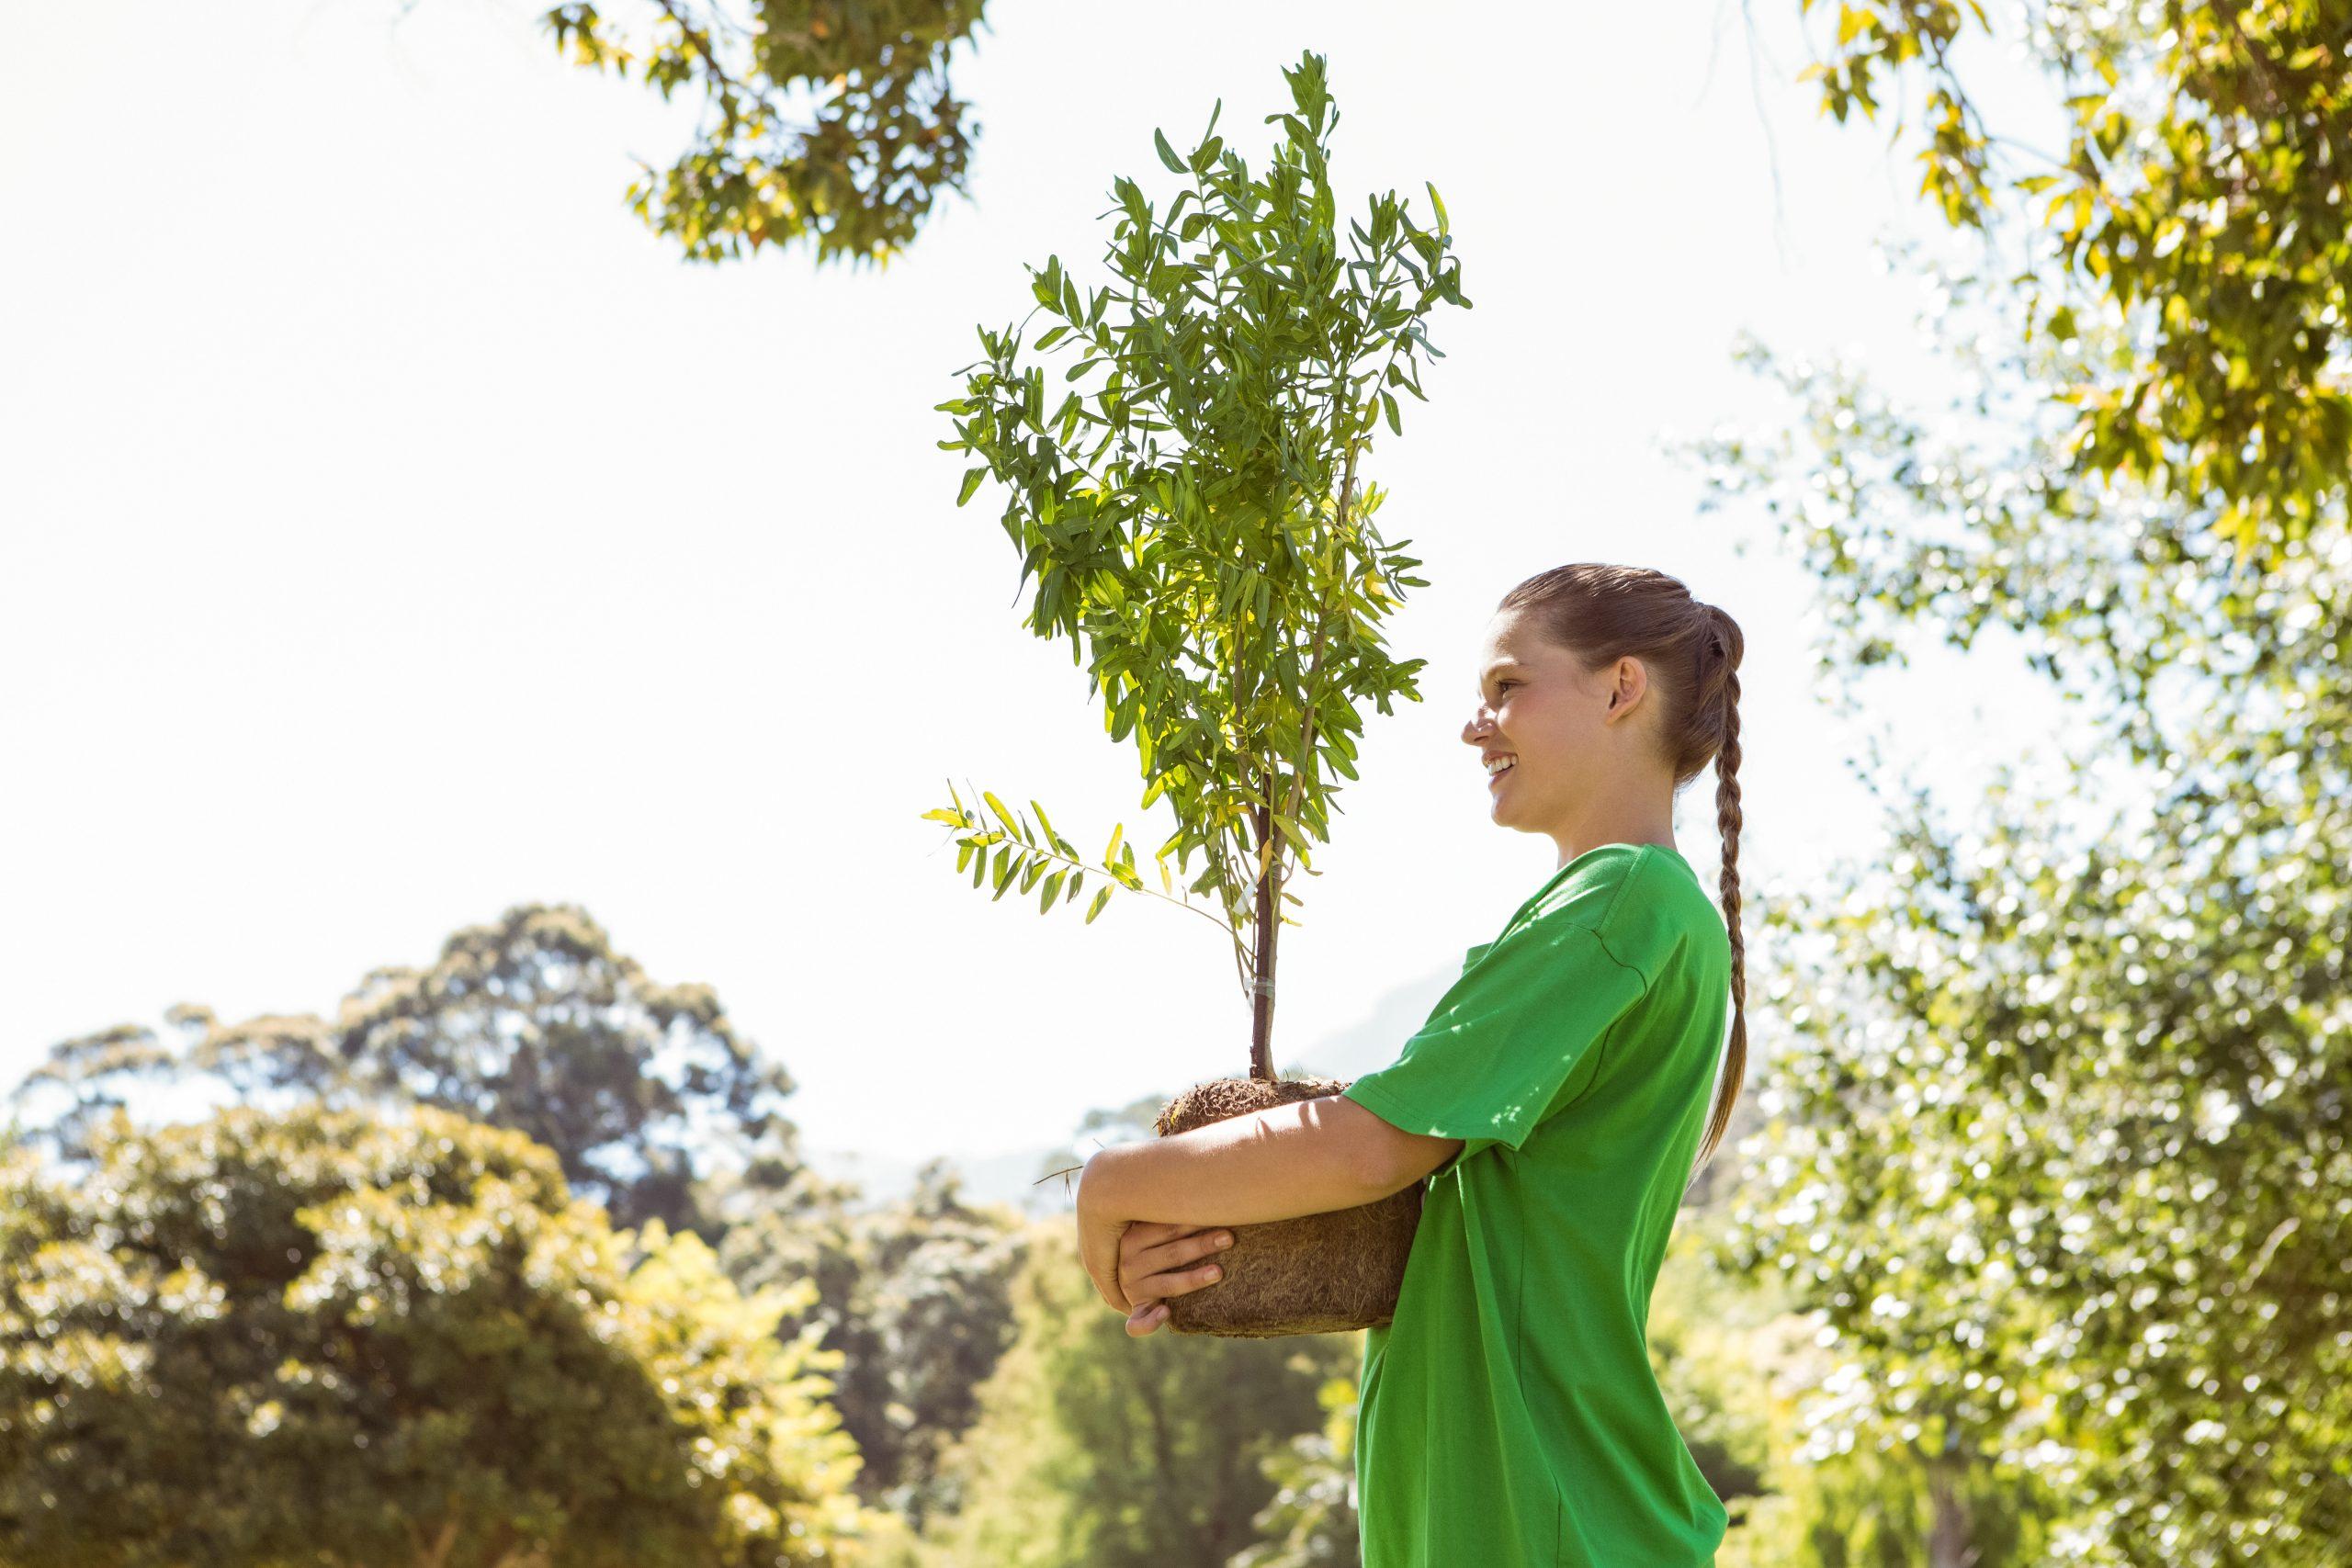 Piantare più alberi